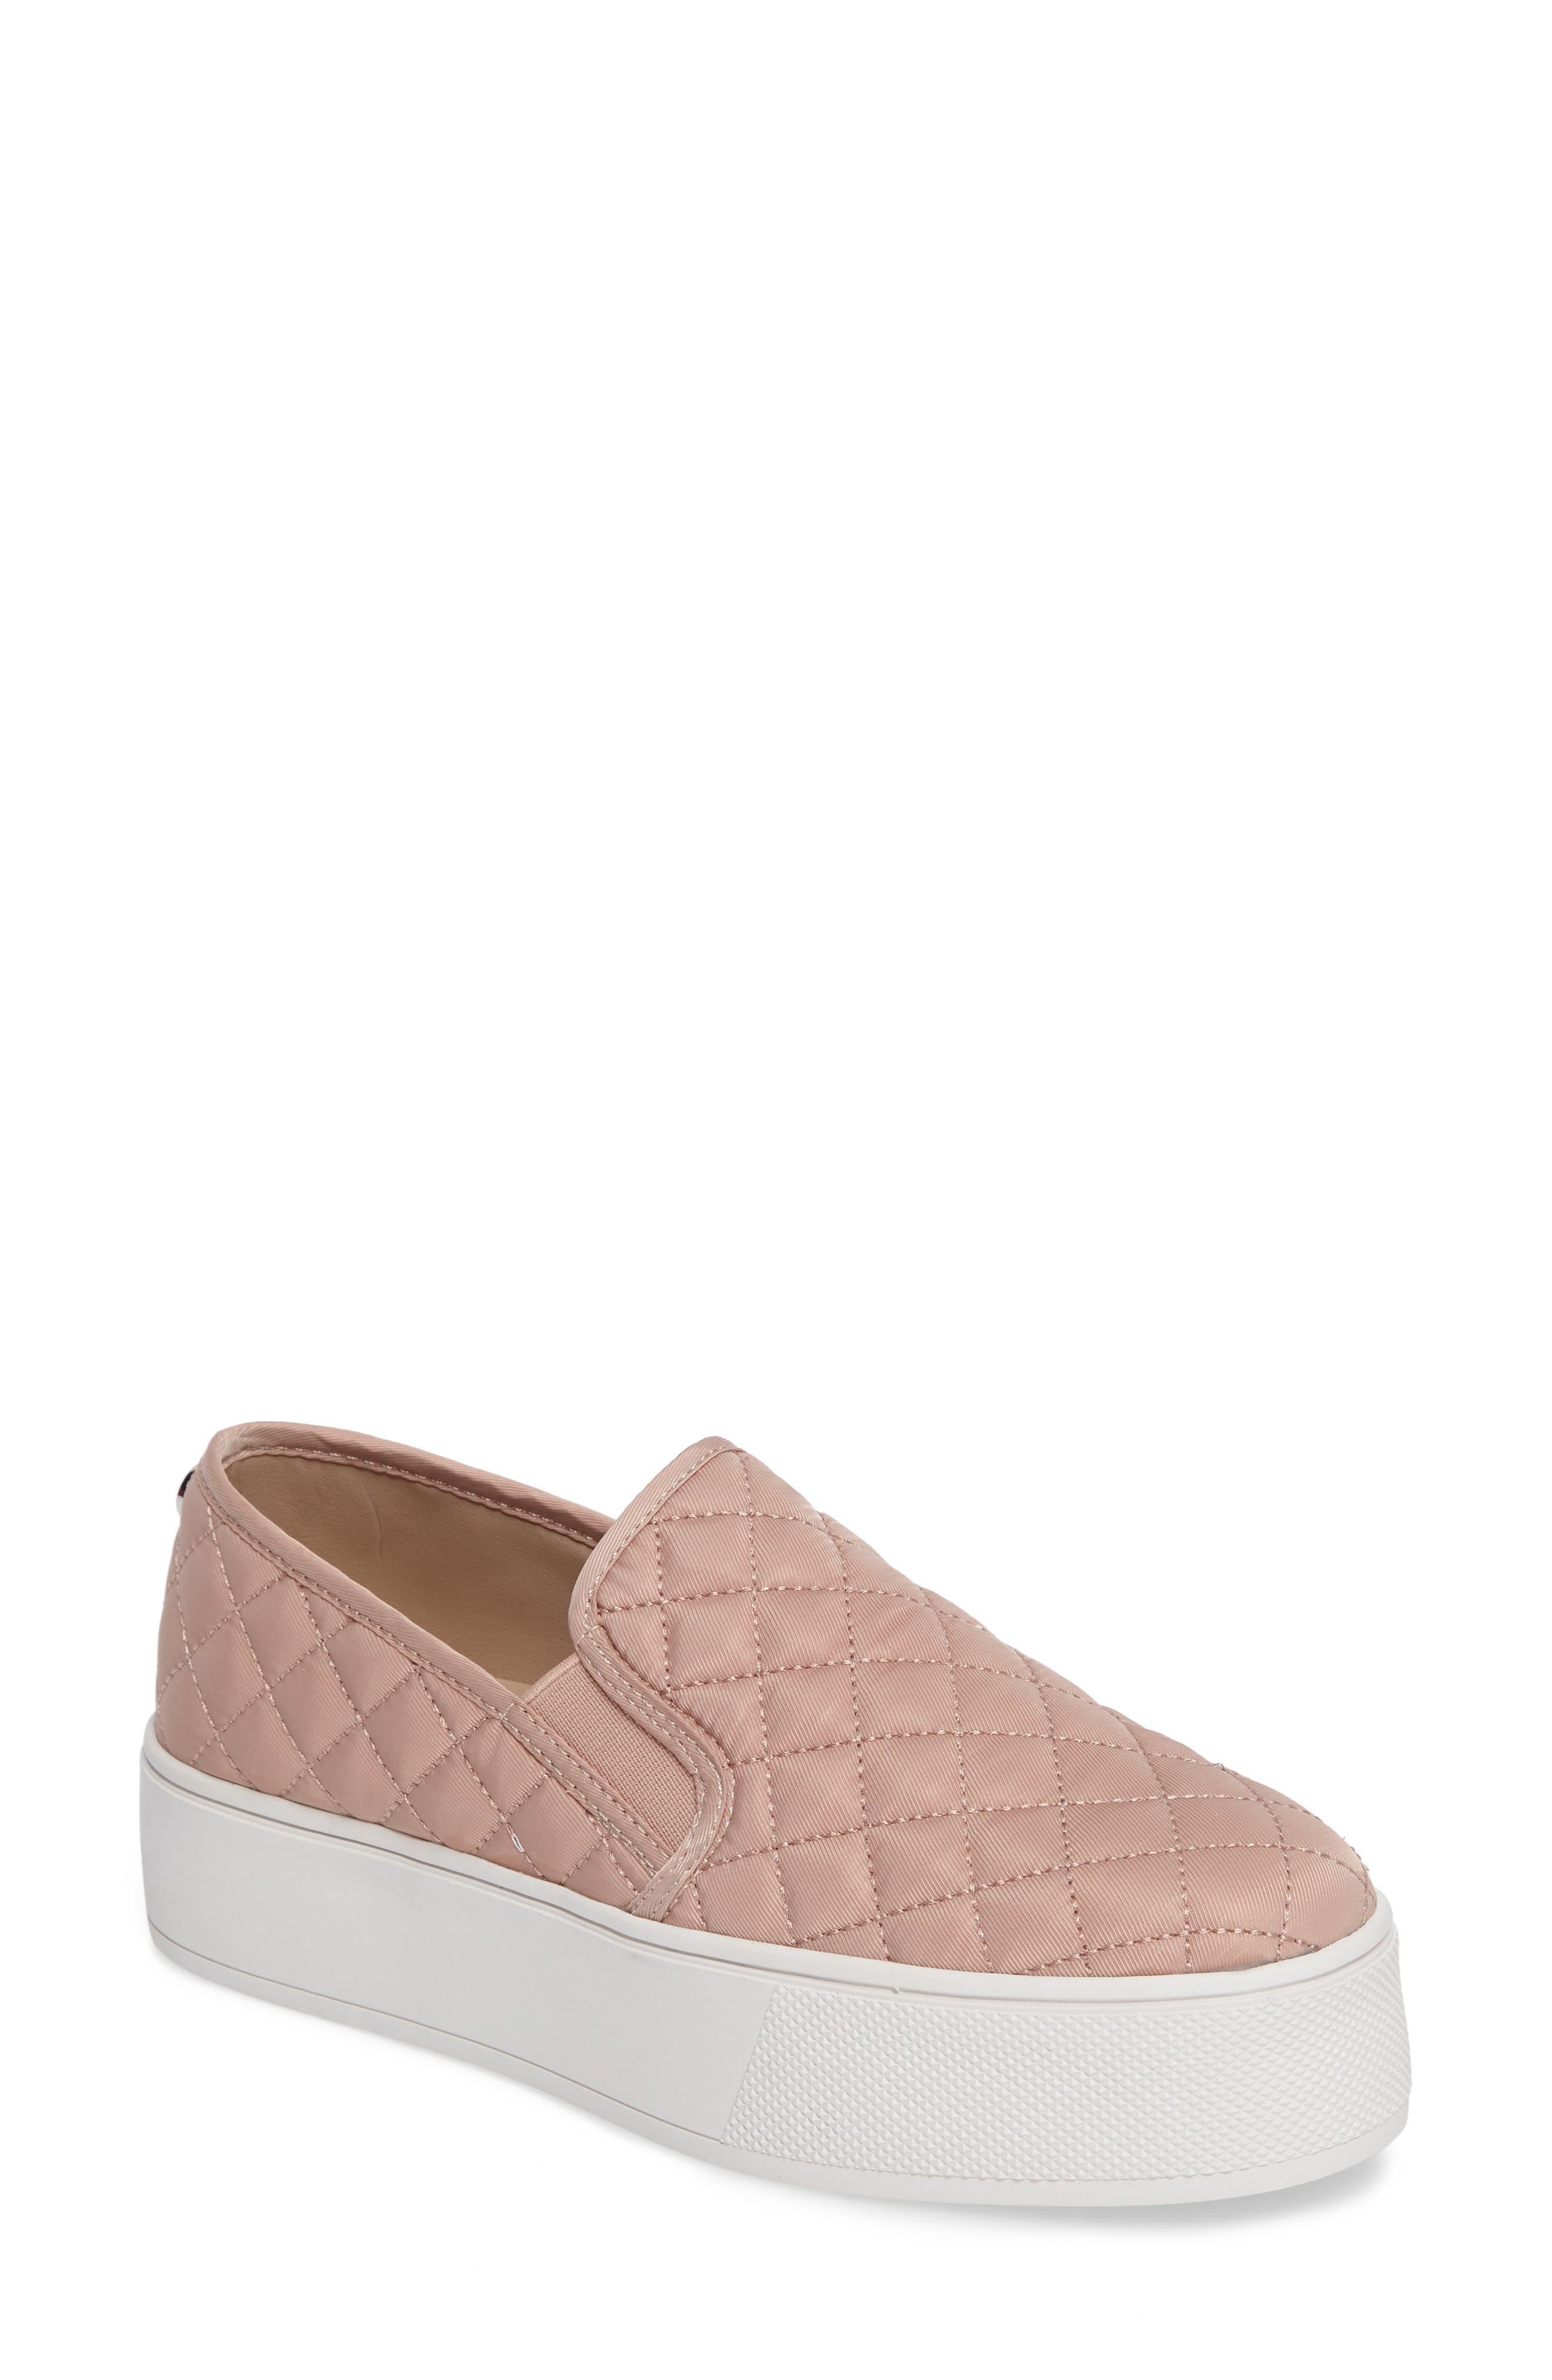 Steve Madden Ecentrcq Quilted Platform Sneaker (Women)